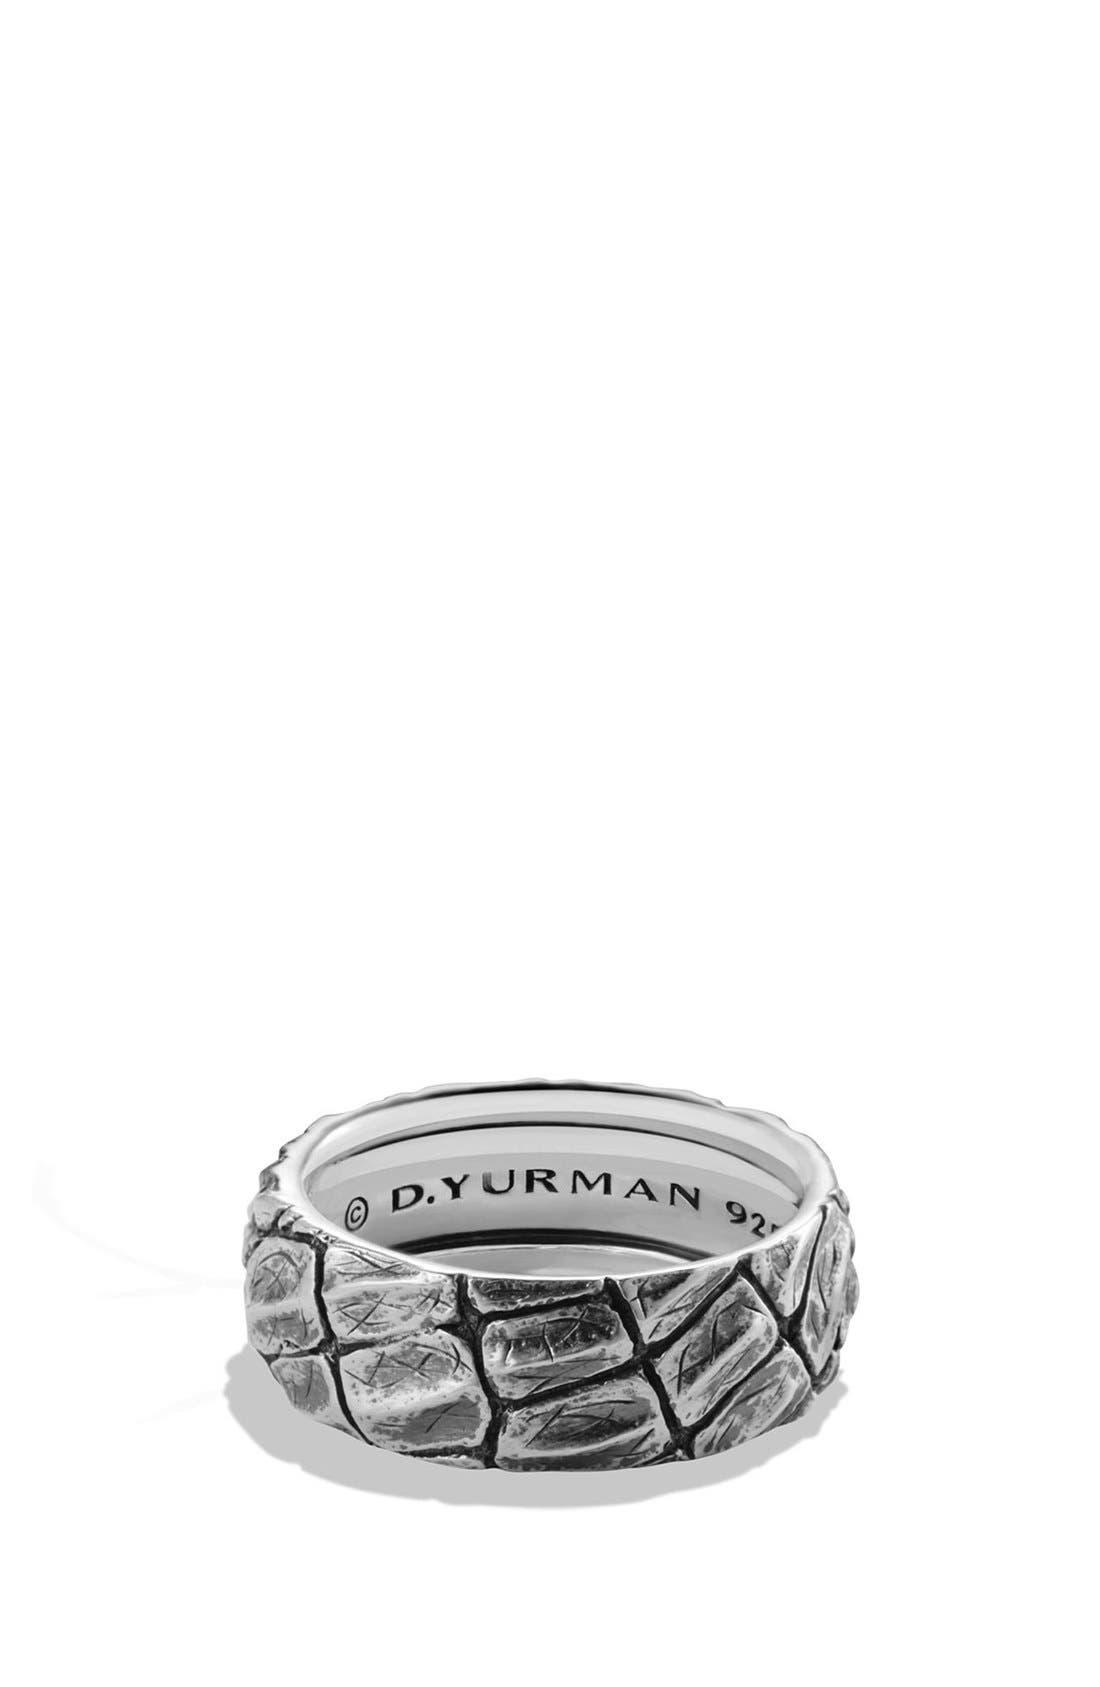 David Yurman 'Naturals' Gator Band Ring